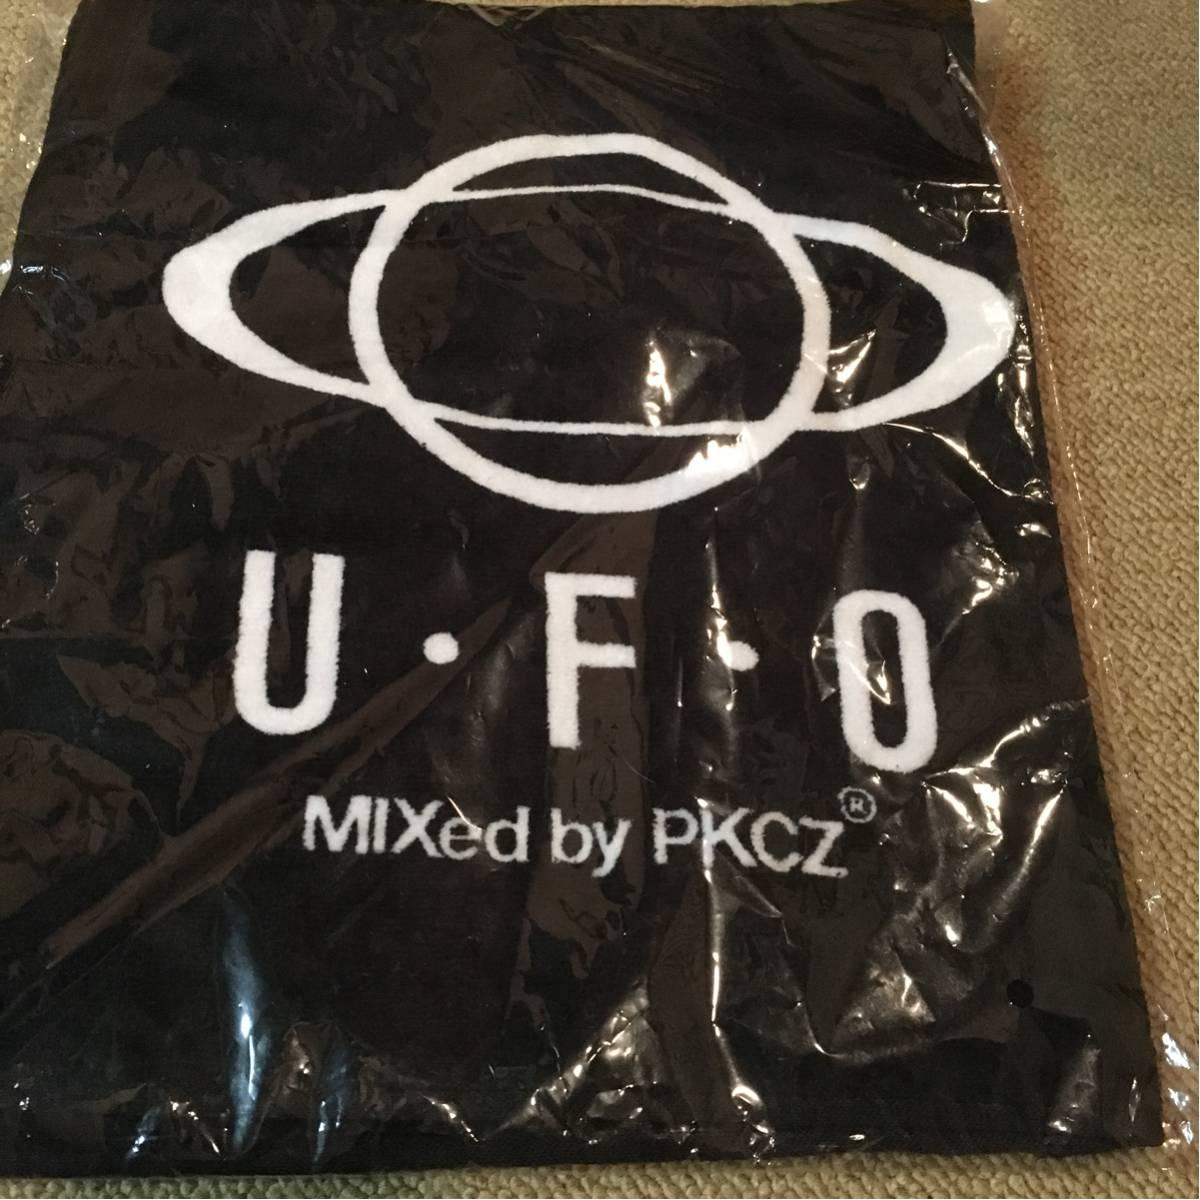 未開封 タオル PKCZ DJ MAKIDAI EXILE JSB 三代目 GENE UFO 24karats ハロウィン